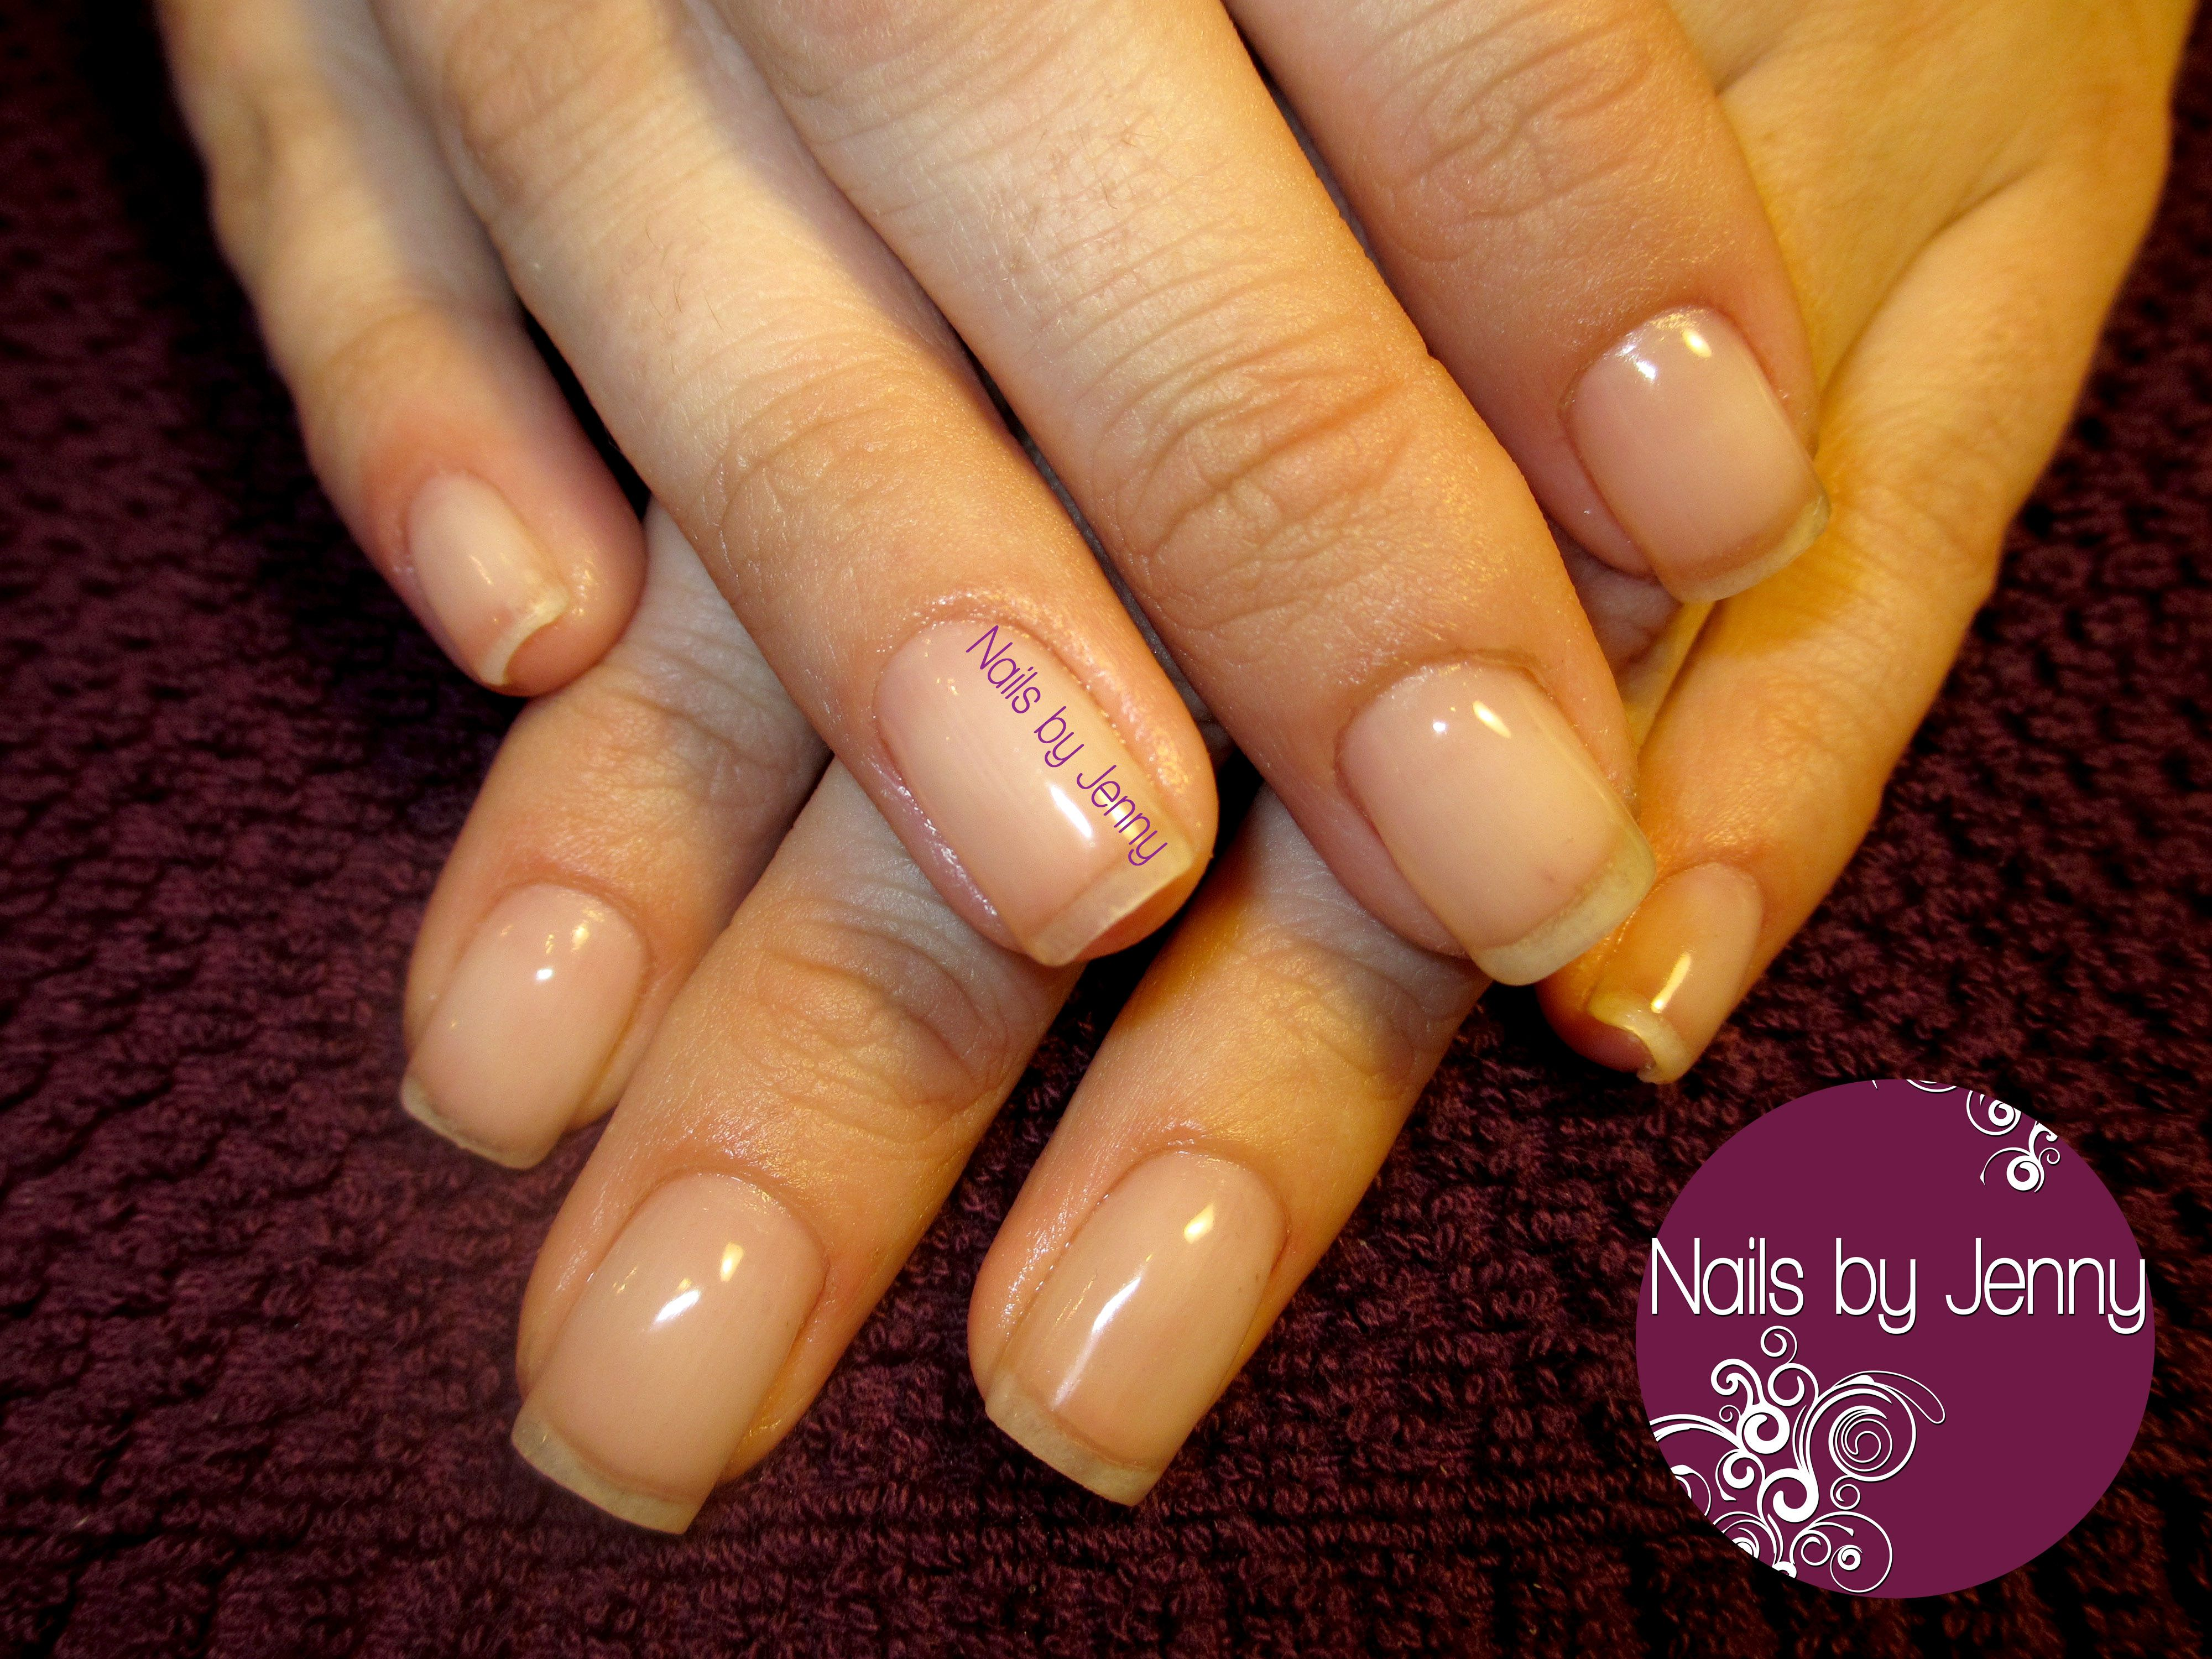 Nails inc gel nail colors and gel nail polish on pinterest - Gel Overlay On Natural Nails